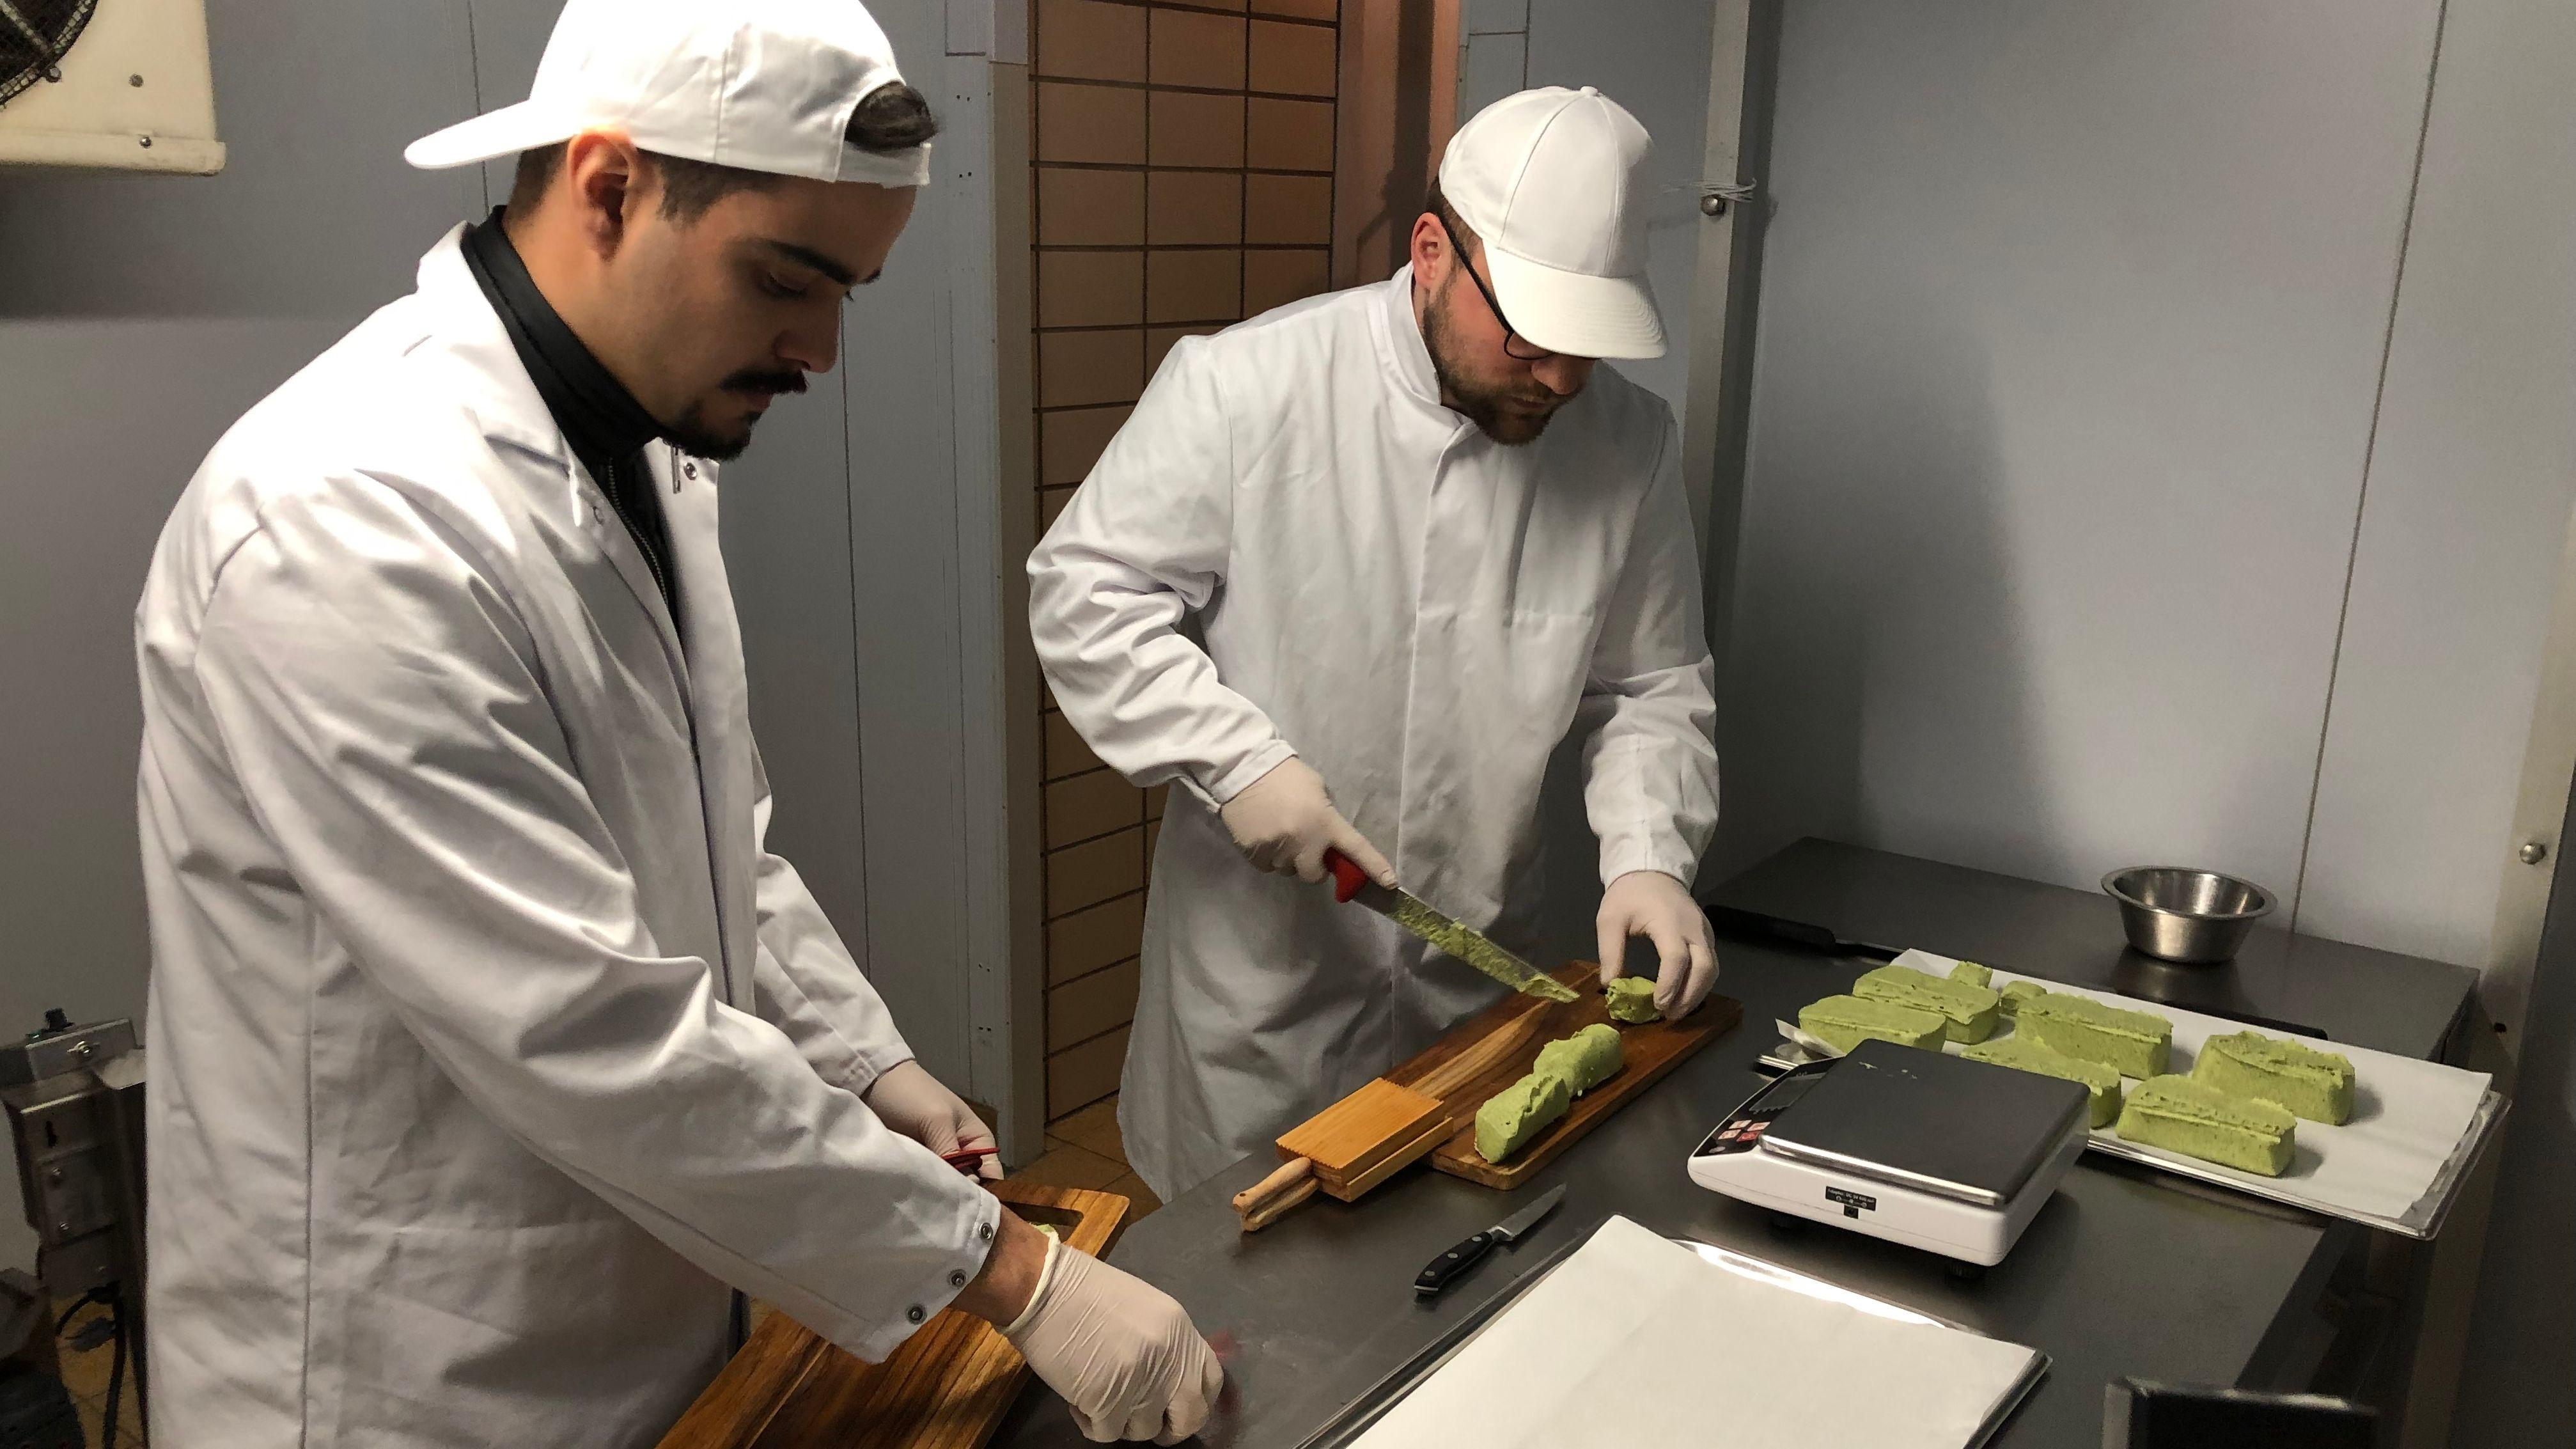 Moritz (r.) und Fabio (l.) bei der Butter-Herstellung